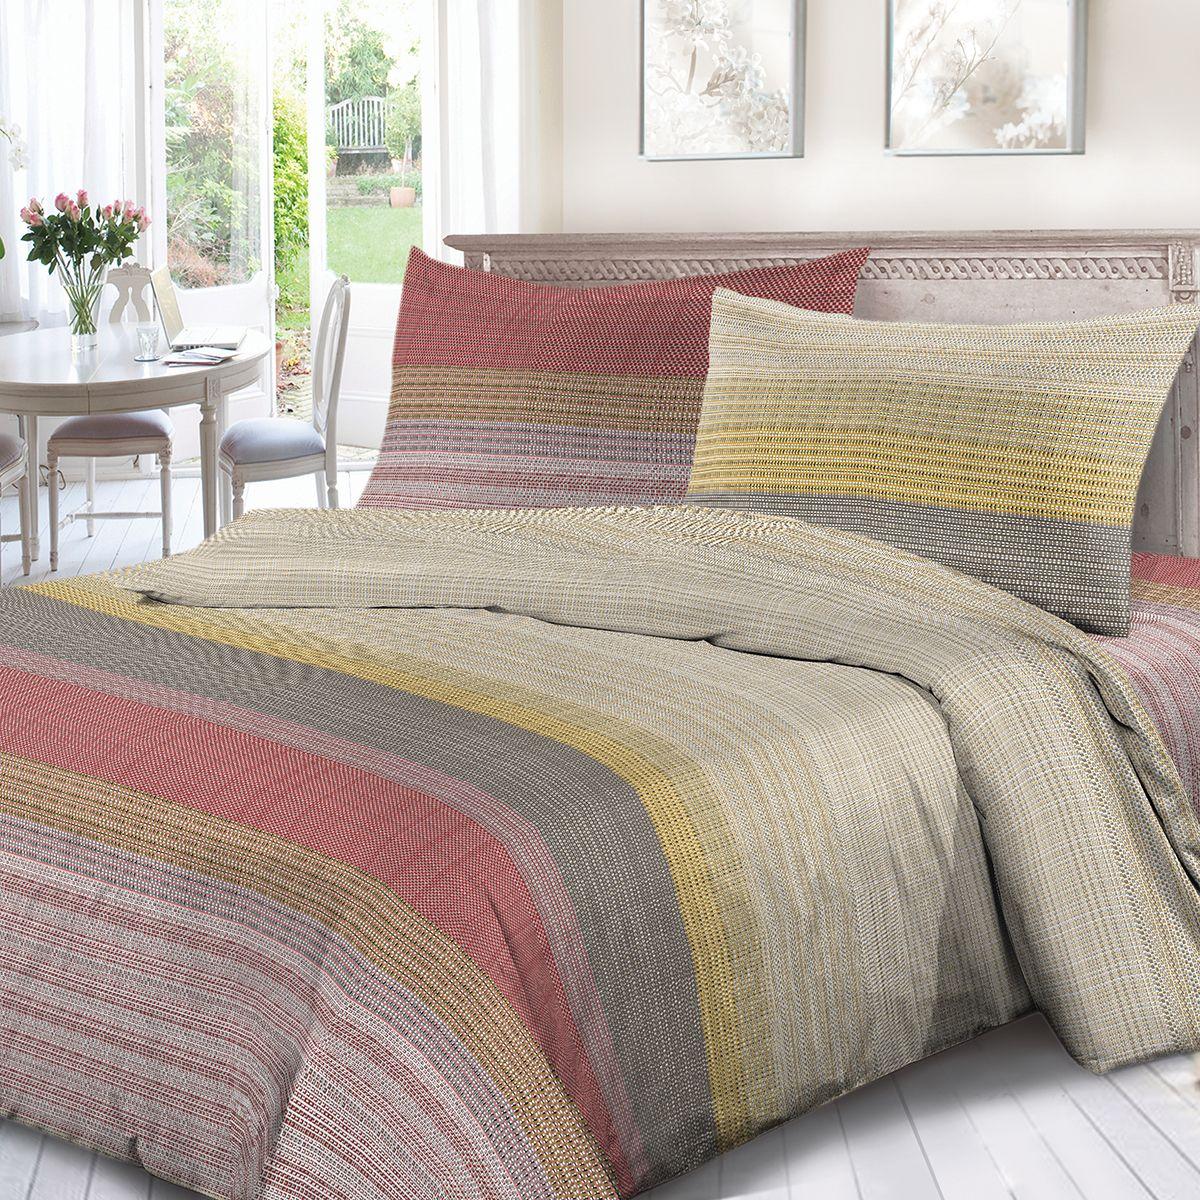 Комплект белья Сорренто Армандо, евро, наволочки 70x70, цвет: разноцветный. 4123-190427